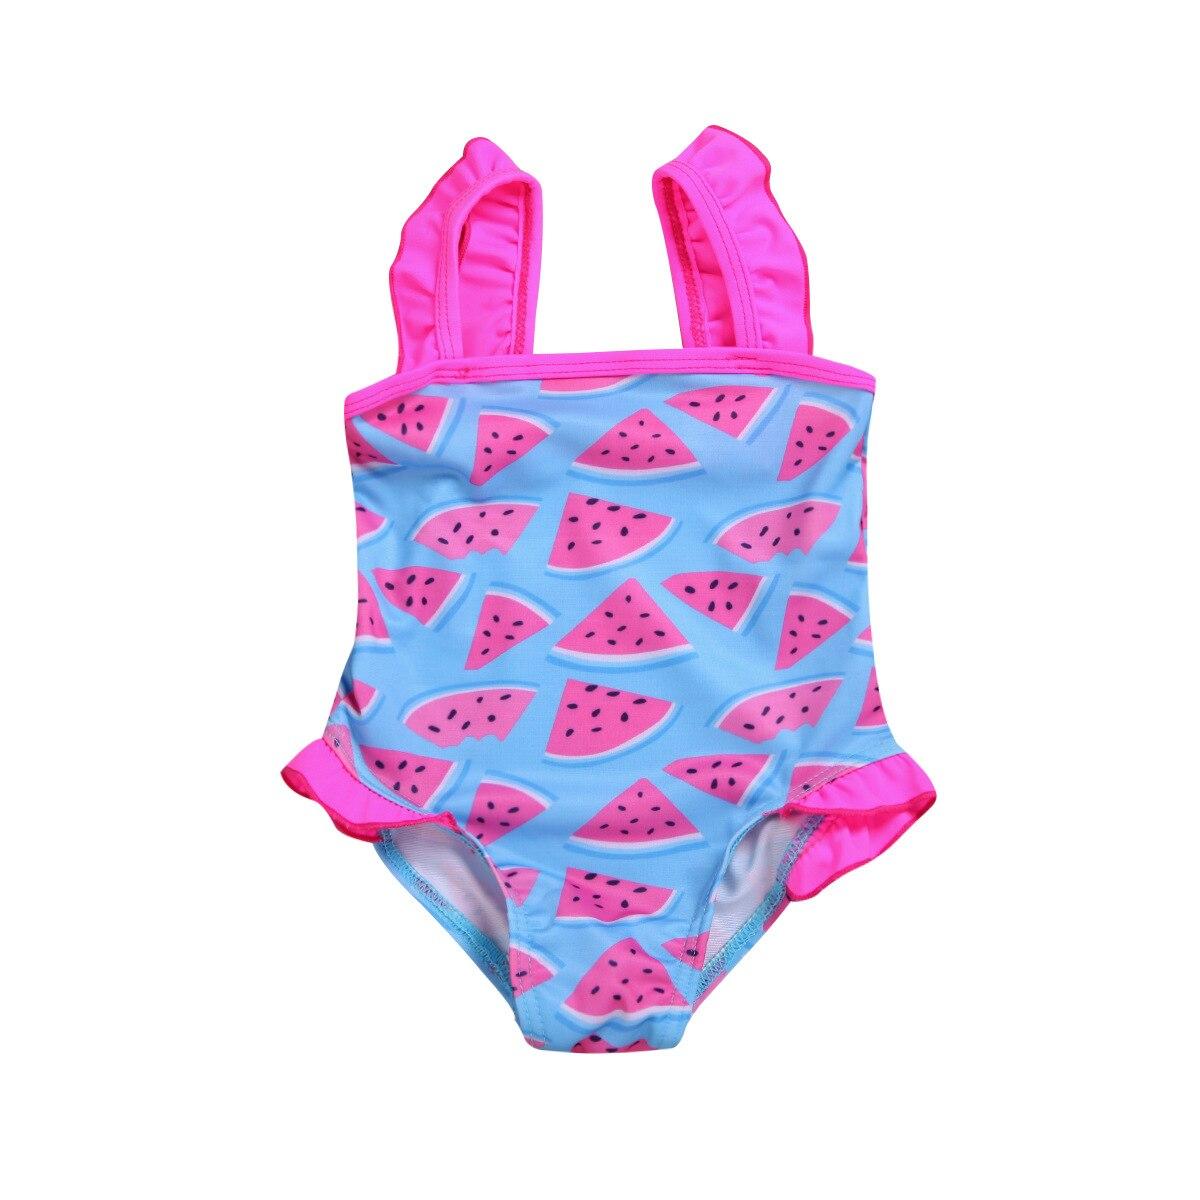 Summer Girls Cartoon Unicorn KID'S Swimwear Baby GIRL'S One-piece Printed Bathing Suit Camisole Swimwear